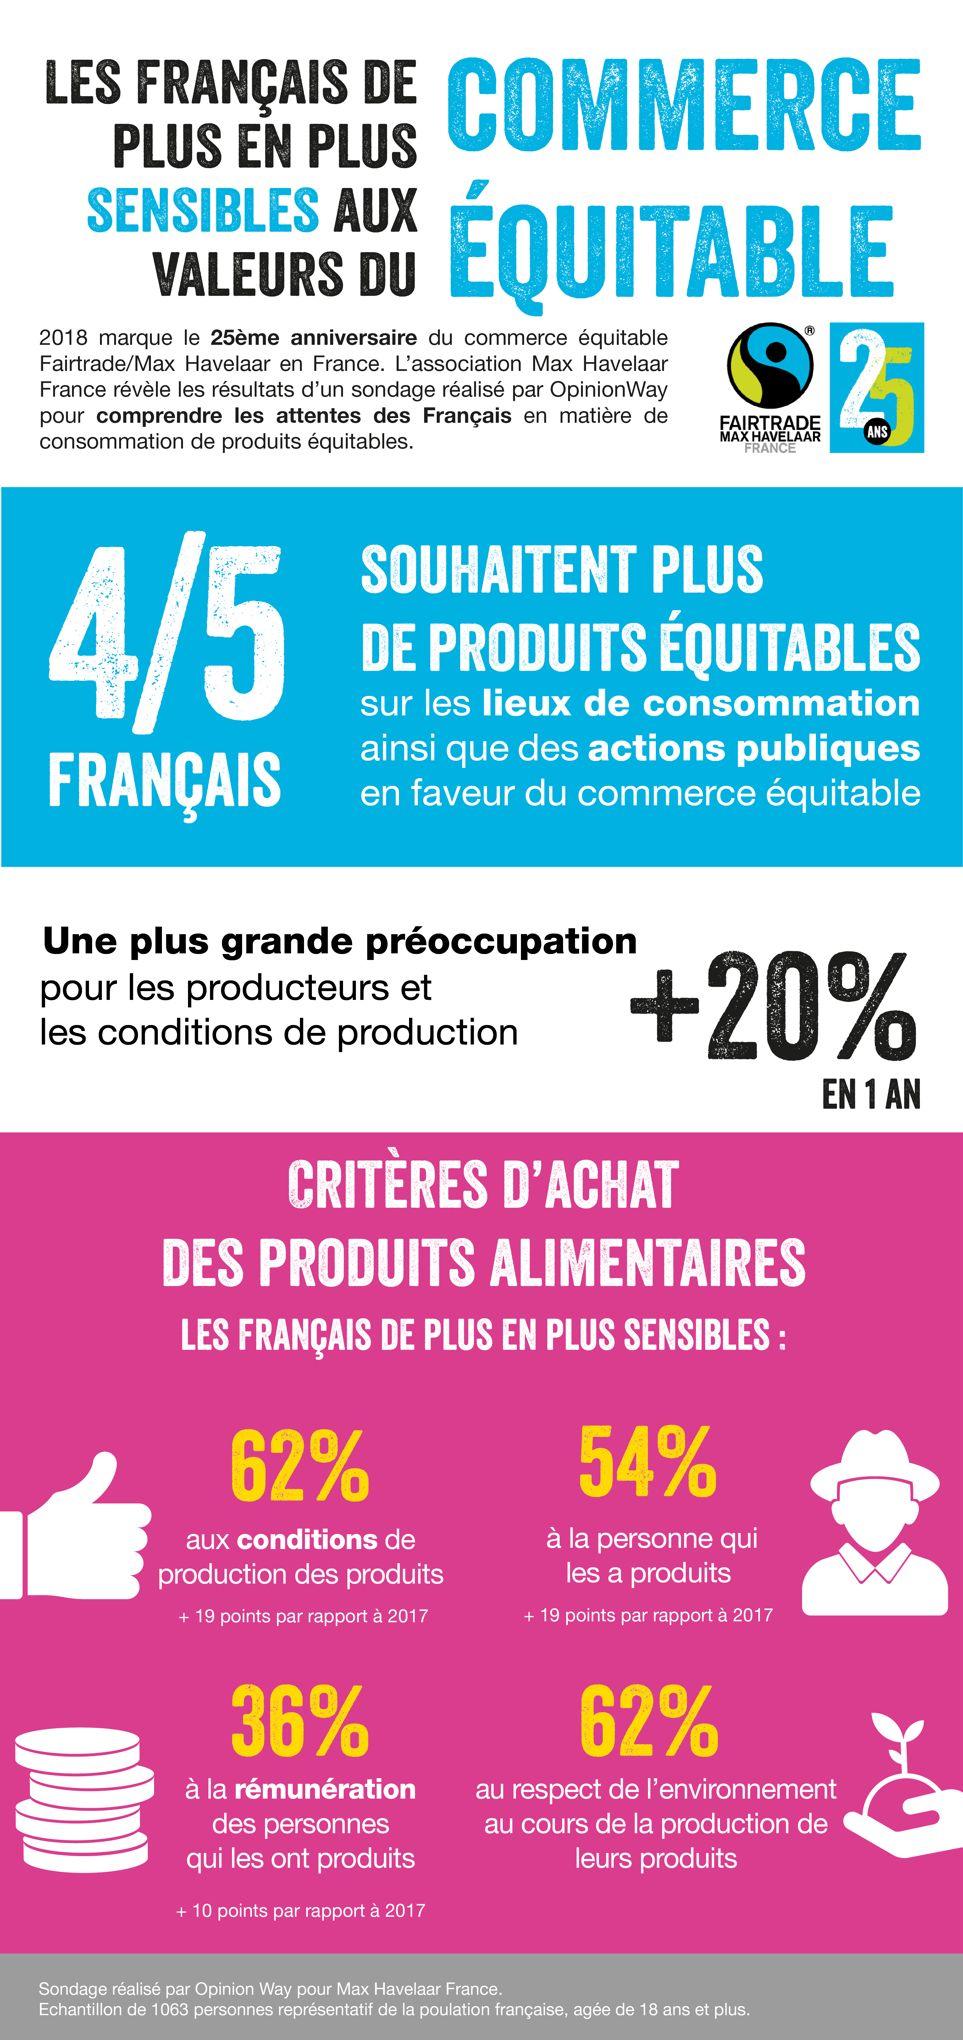 Produits équitables: les Français prêts à payer plus pour ...